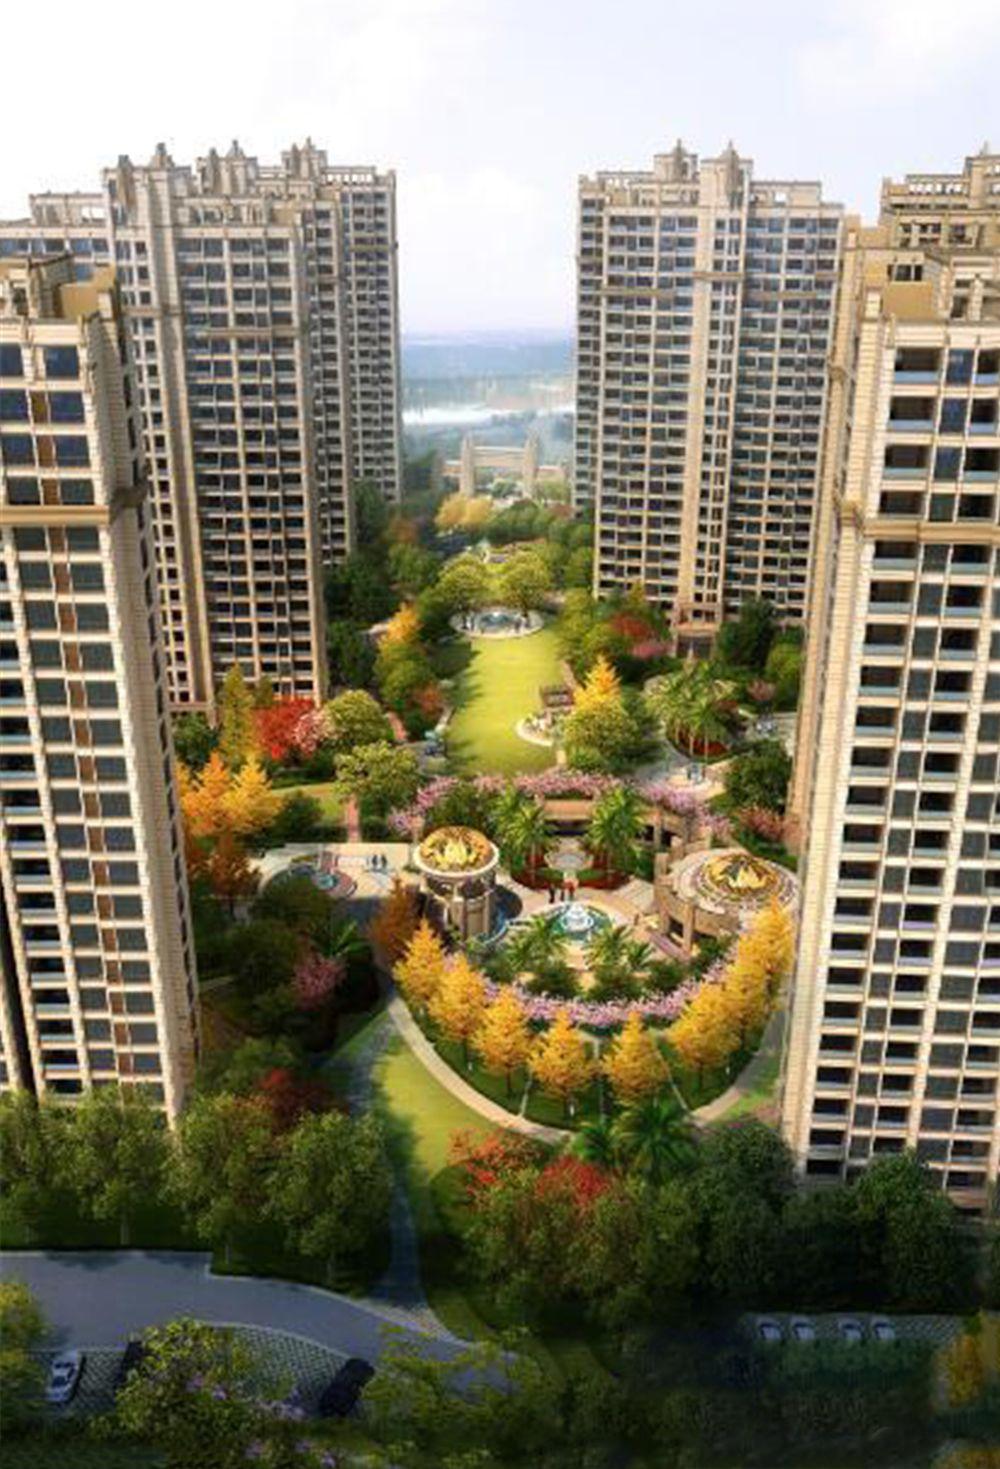 http://yuefangwangimg.oss-cn-hangzhou.aliyuncs.com/uploads/20200503/70474b51350ca5fffc4150a63552fc18Max.jpg